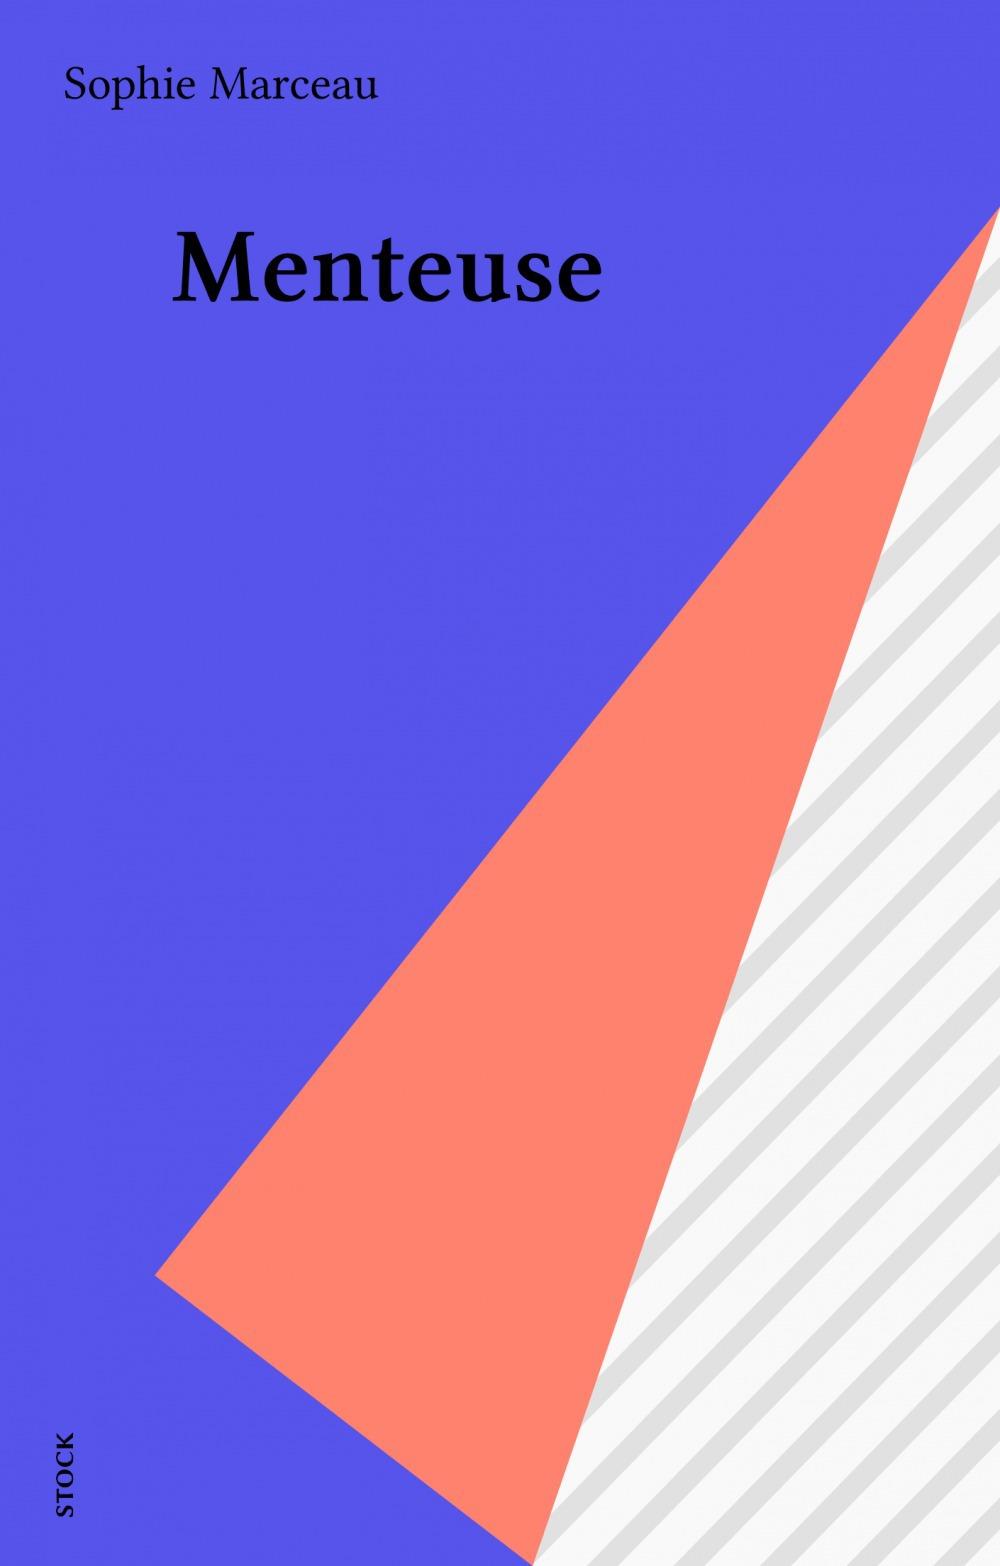 Menteuse  - Marceau  - Sophie Marceau